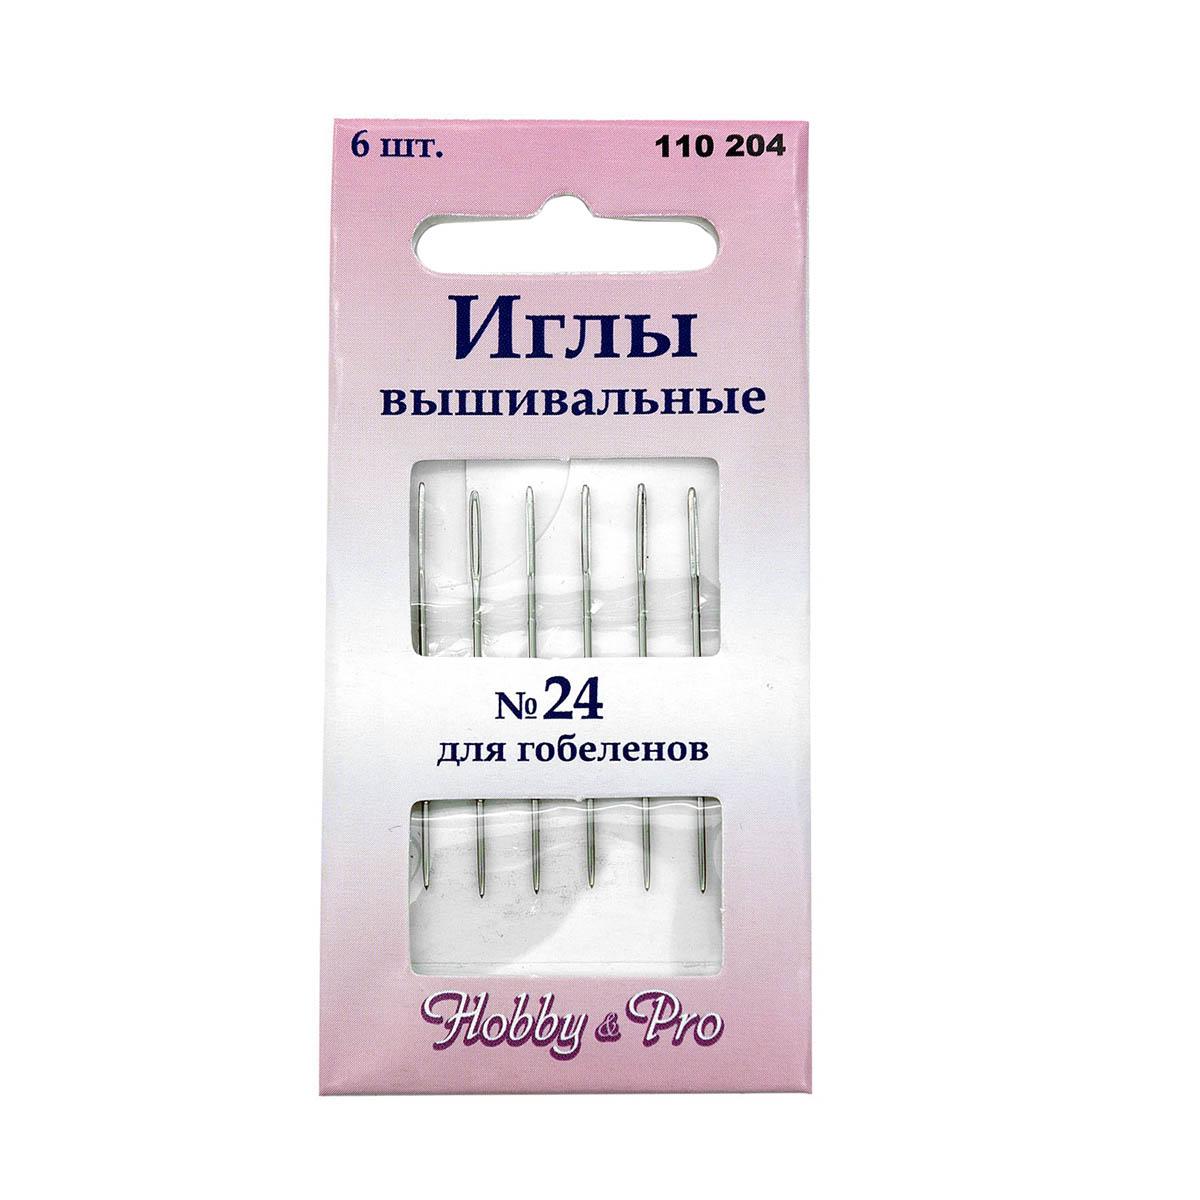 110204 Иглы вышивальные для гобеленов №24, упак./6 шт., Hobby&Pro